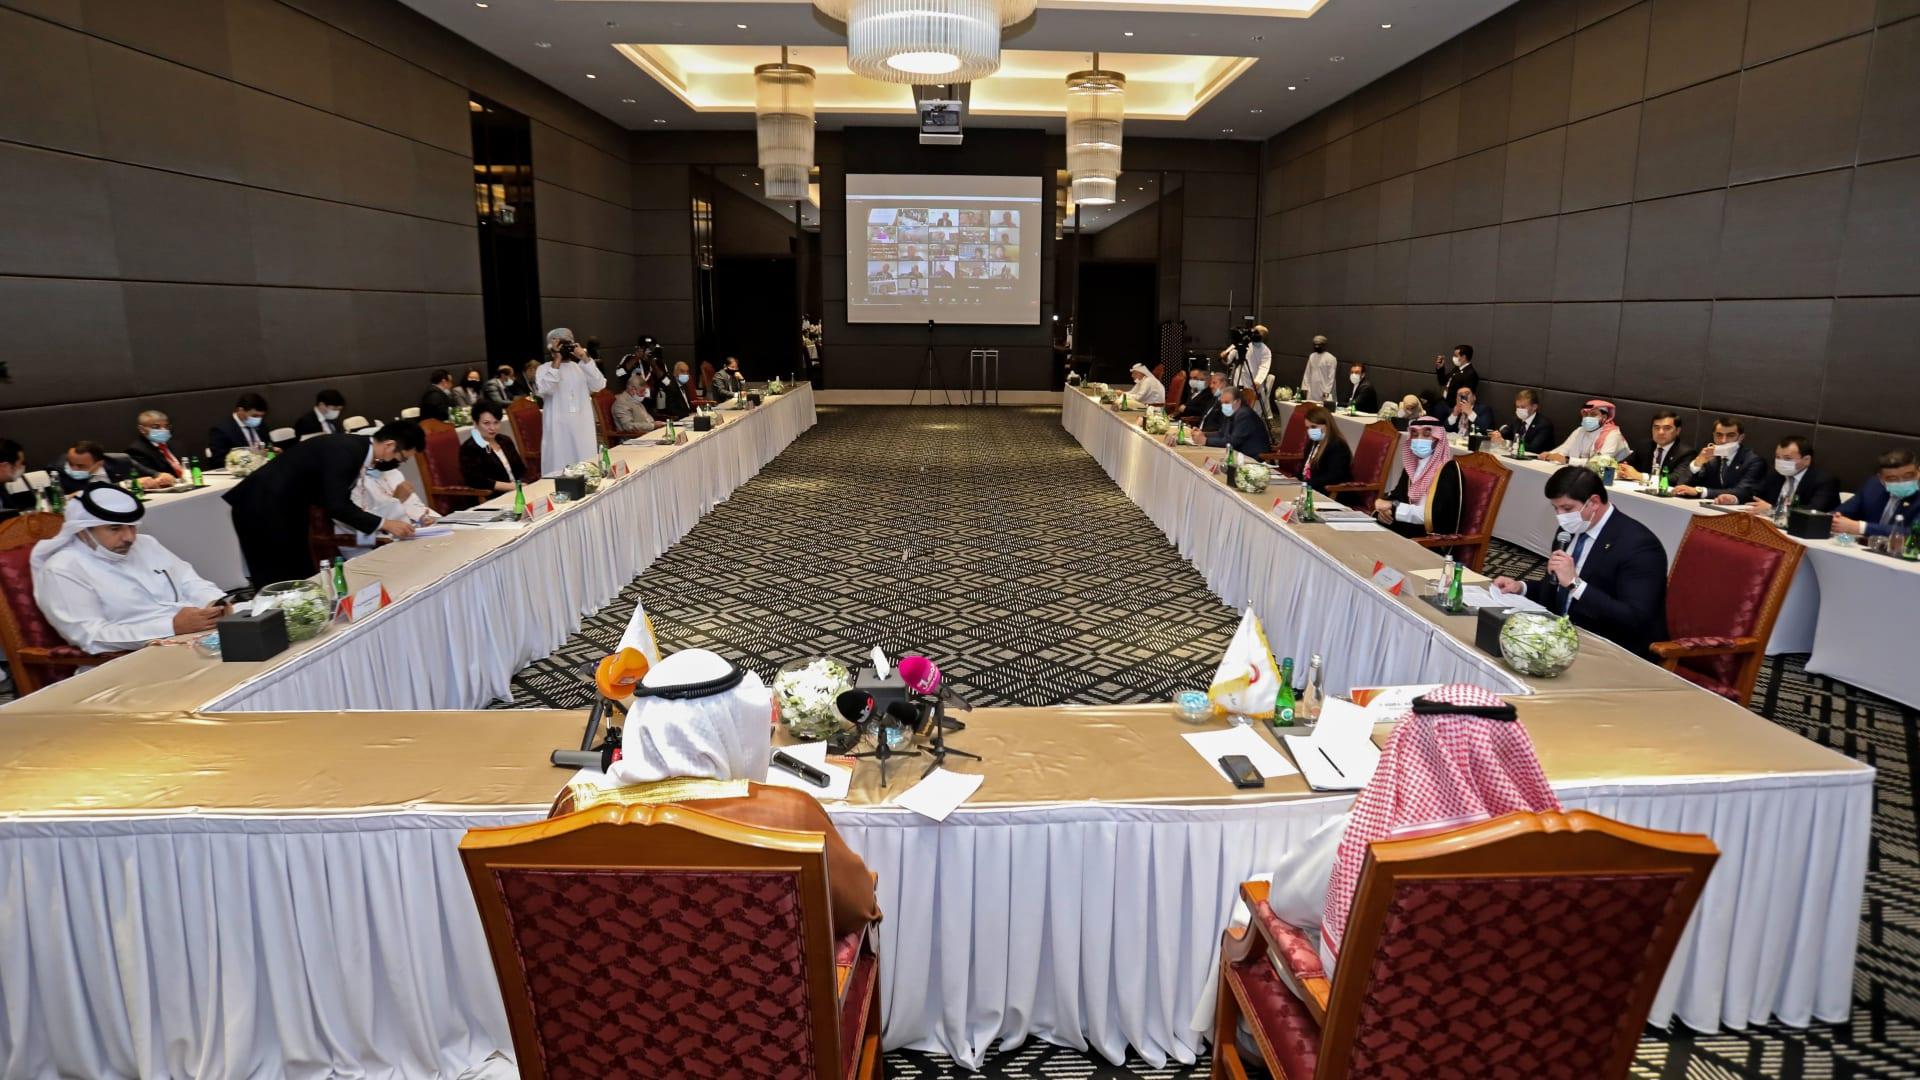 صورة من اجتماع ممثلي الدول في مسابقة الألعاب الآسيوية في عُمان